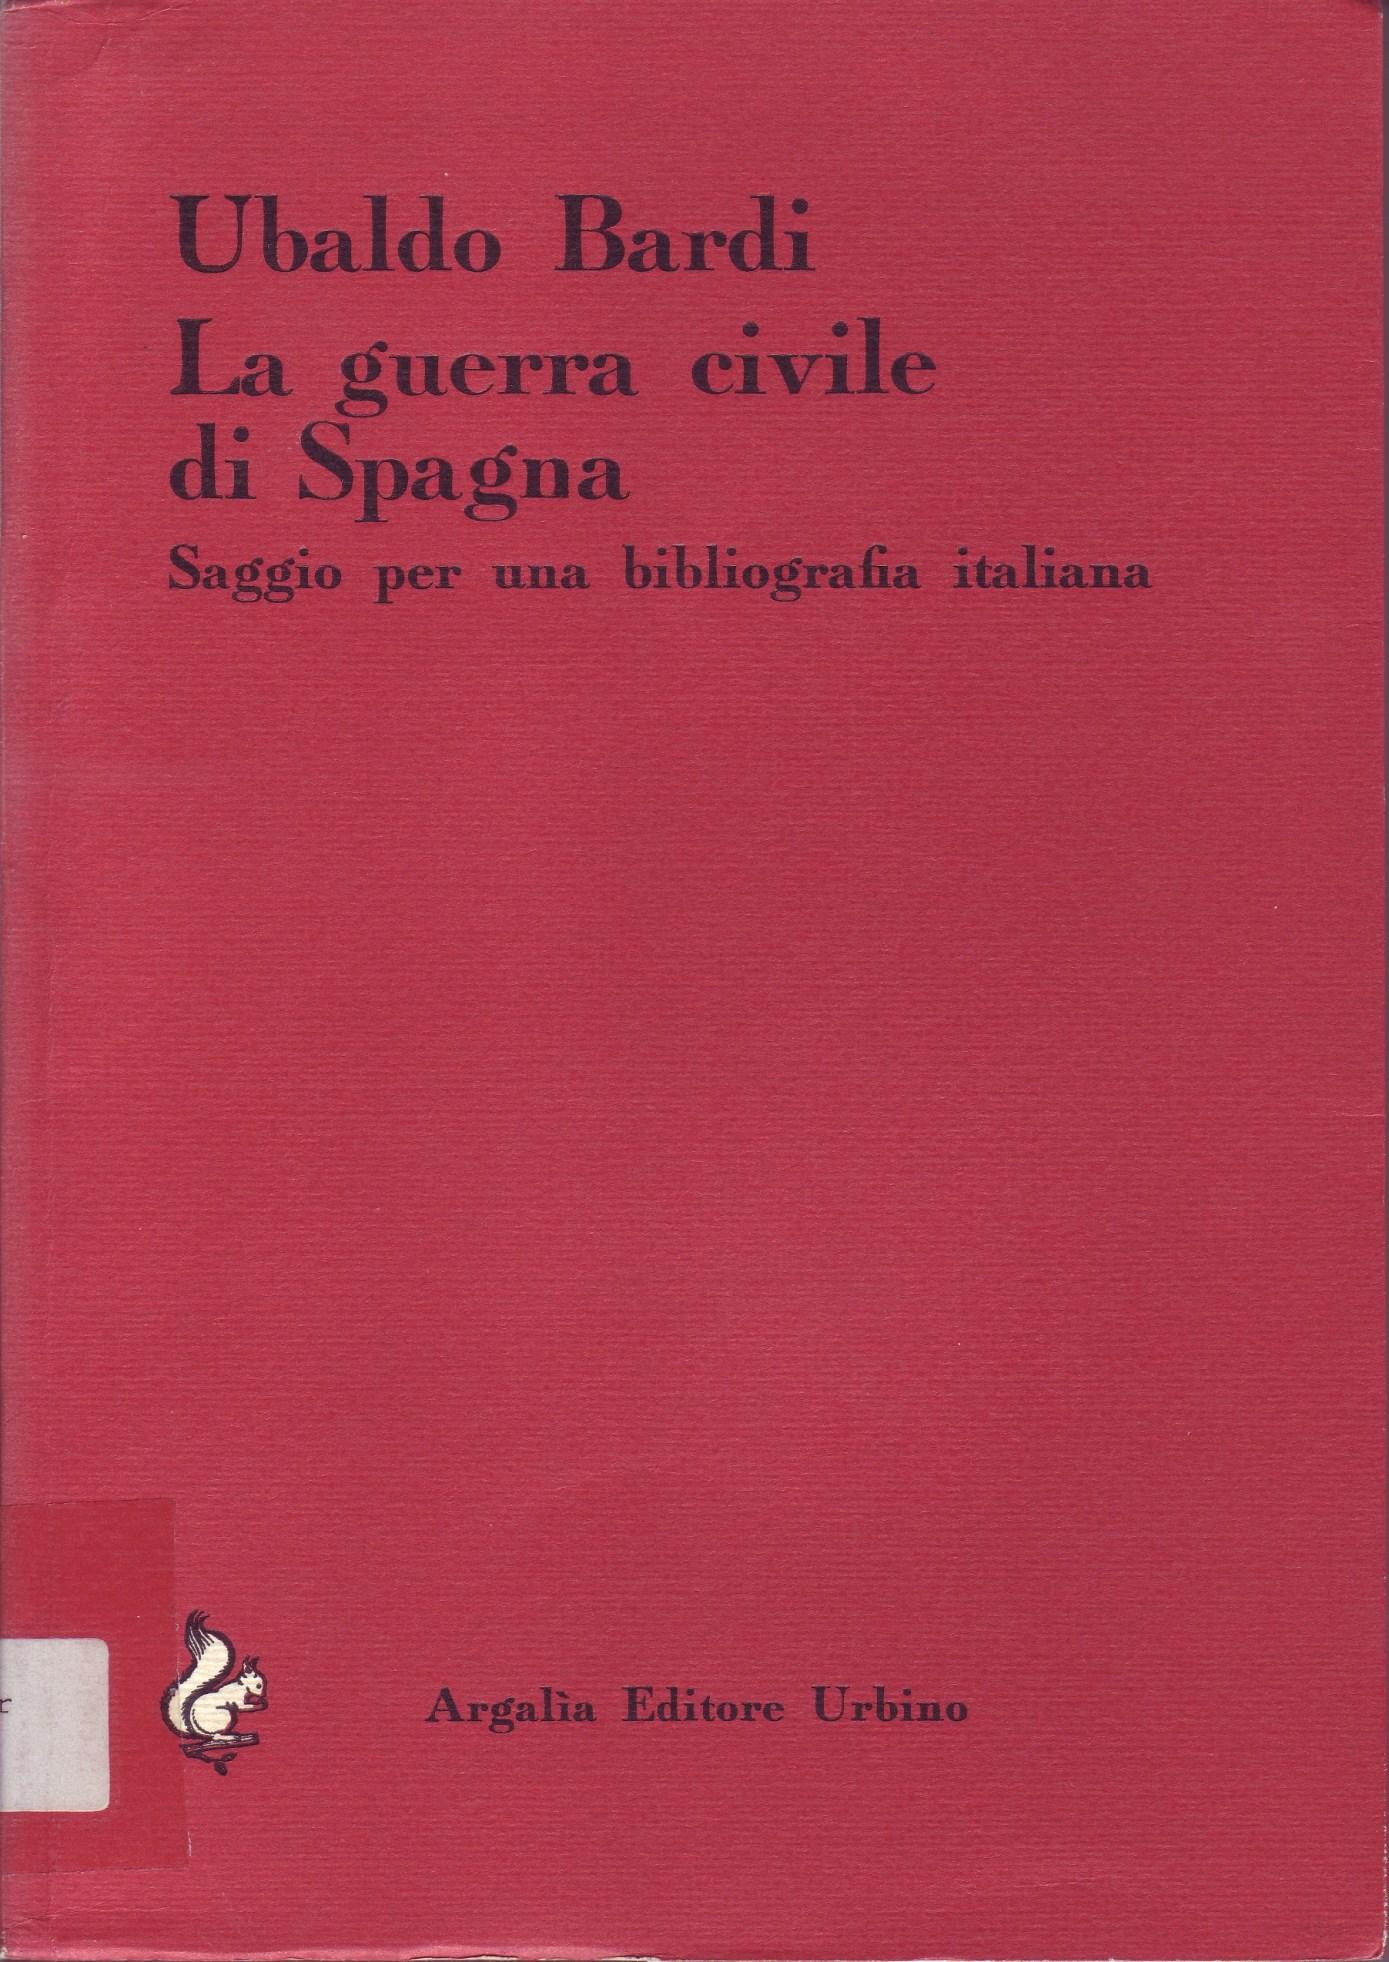 La Guerra Civile di Spagna. Saggio per una bibliografia italiana